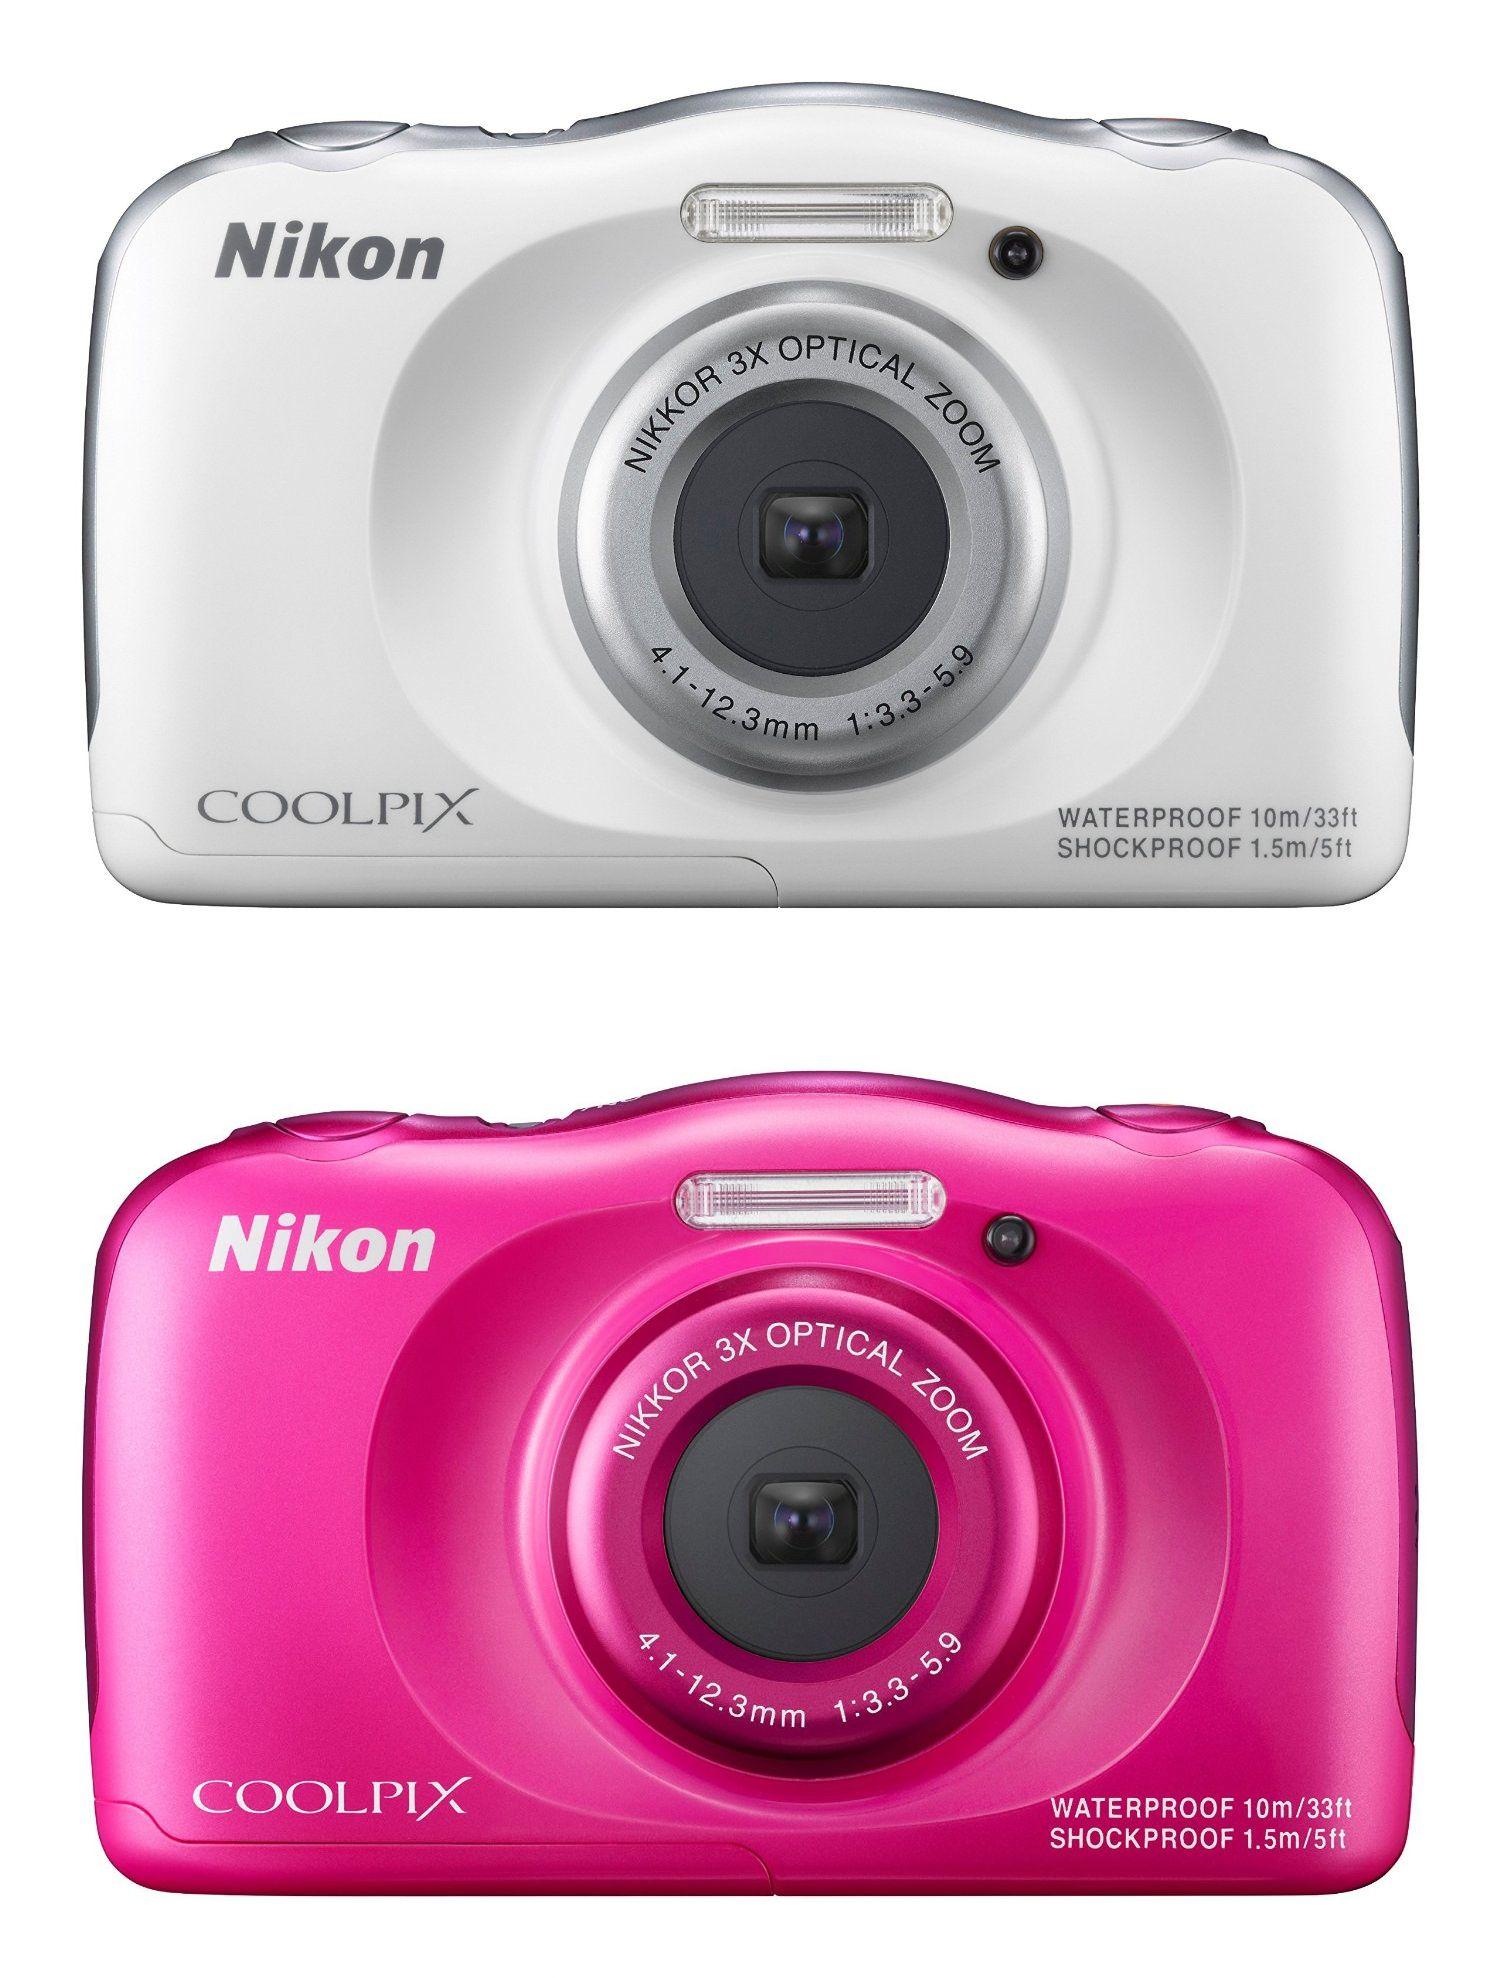 """Nikon™ - Digitalkamera """"CoolPix S33"""" (13,2MP,3xopt.Zoom,Full HD Mov.,Bildstabilisator,Wasserdicht,Staubdicht,Stoßfest) für €85,14 [@Amazon.fr]"""